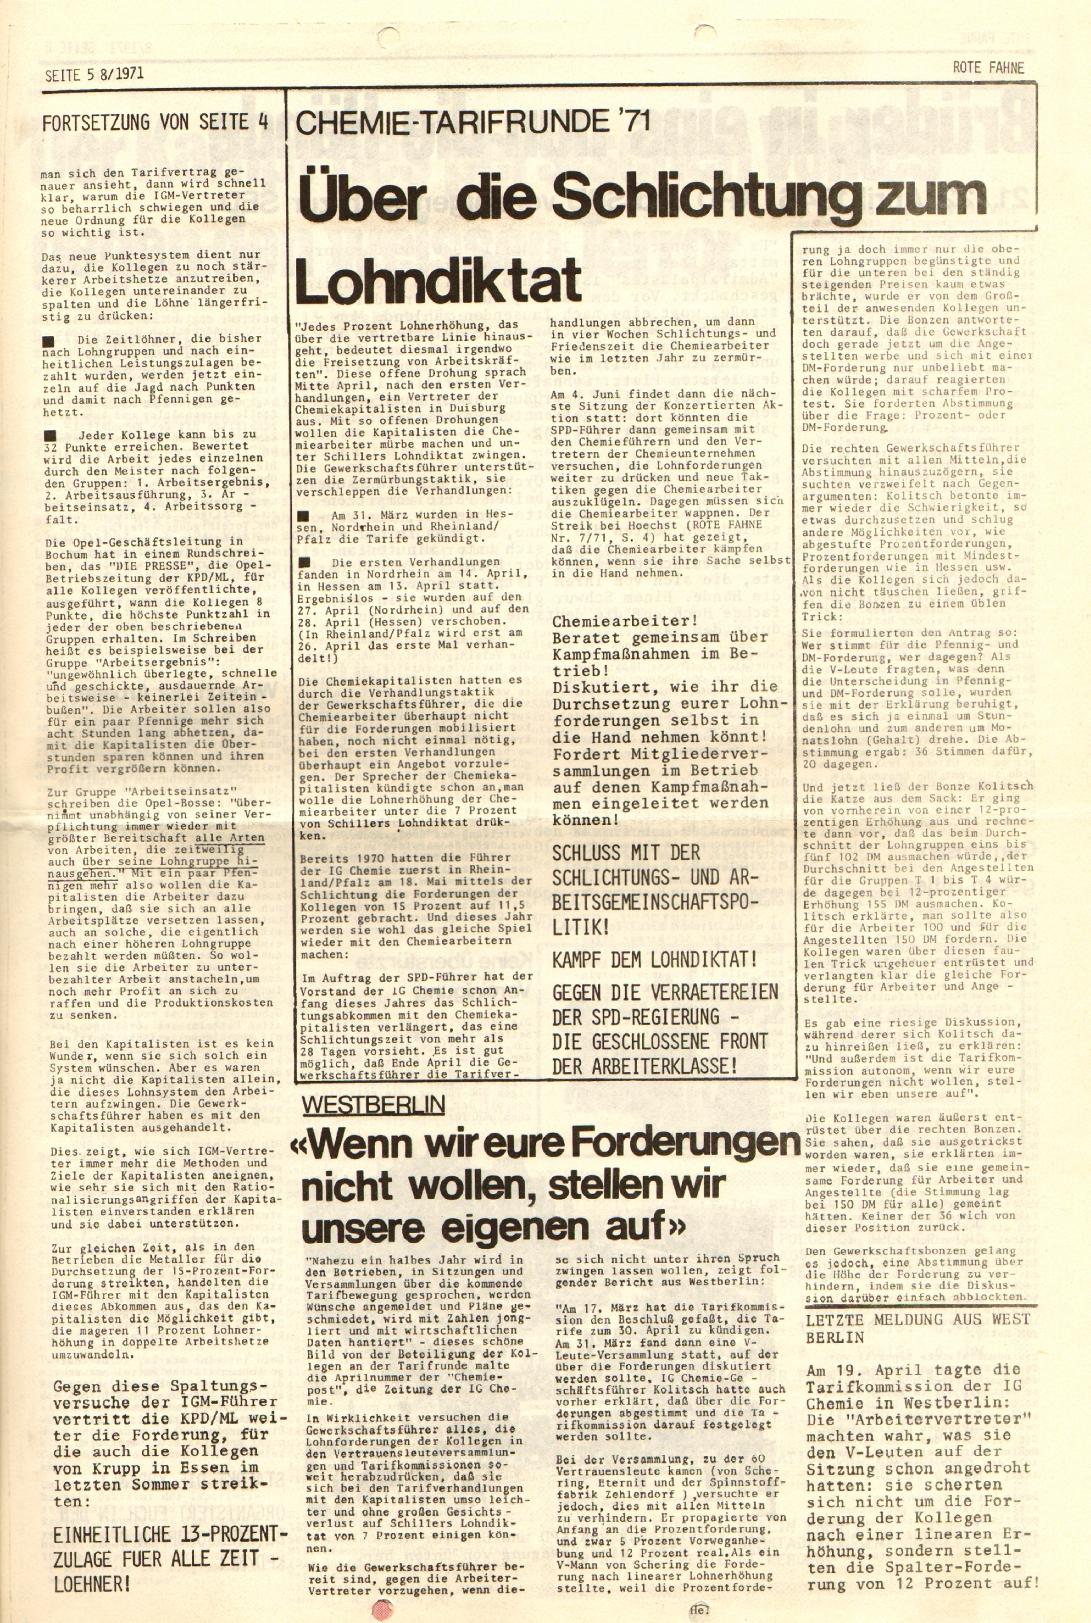 Rote Fahne, 2. Jg., 26.4.1971, Nr. 8, Seite 5